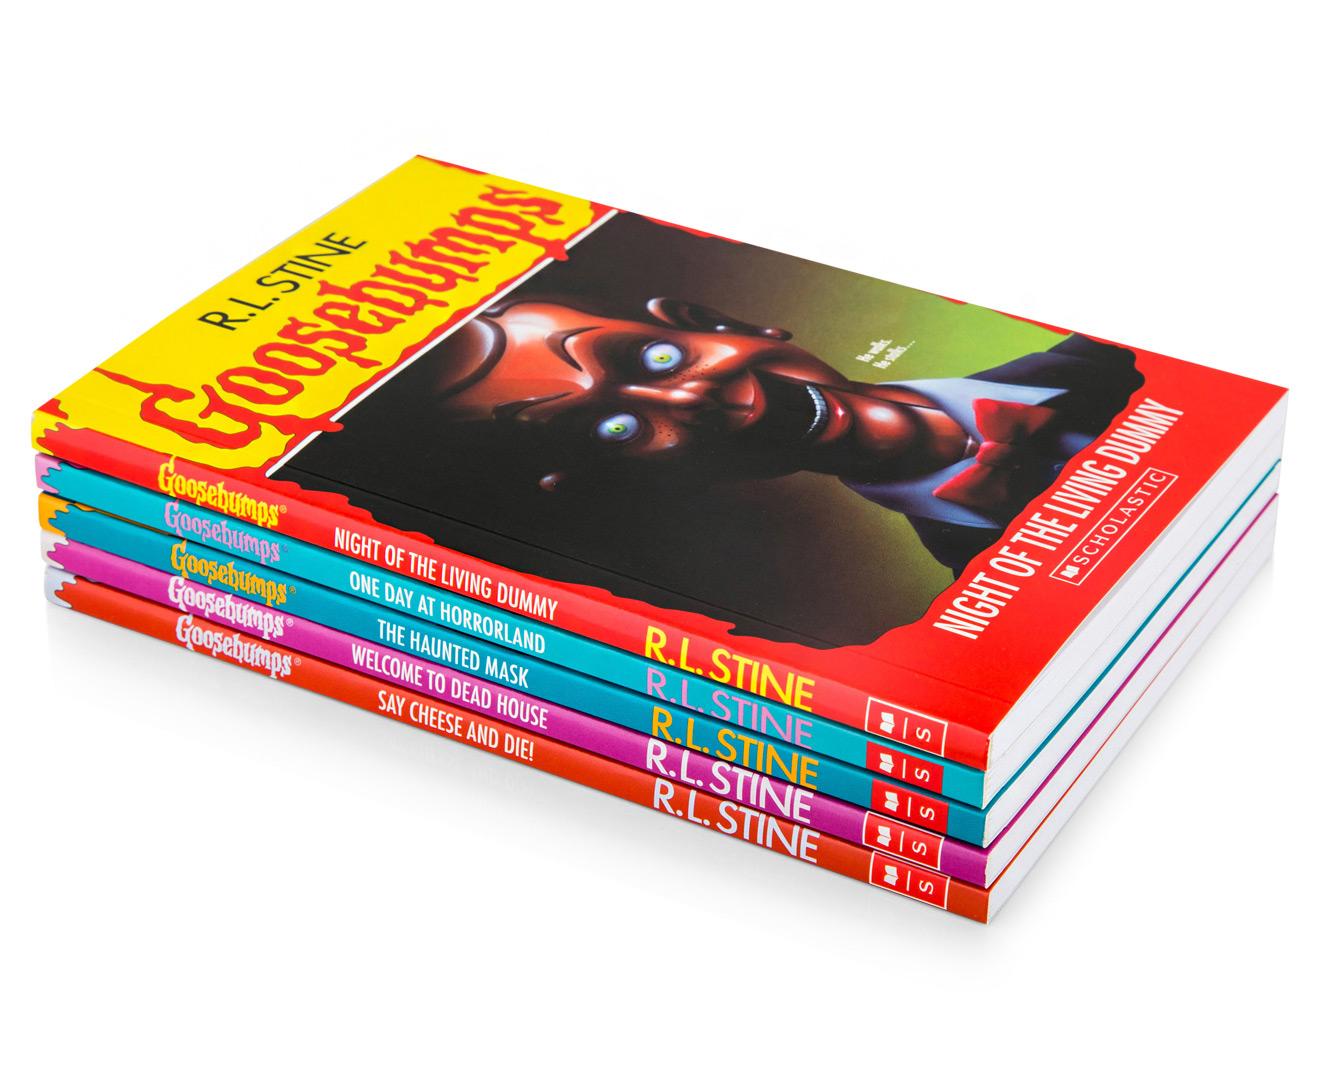 Goosebumps Retro Scream Collection Tin 5 Book Set Catch